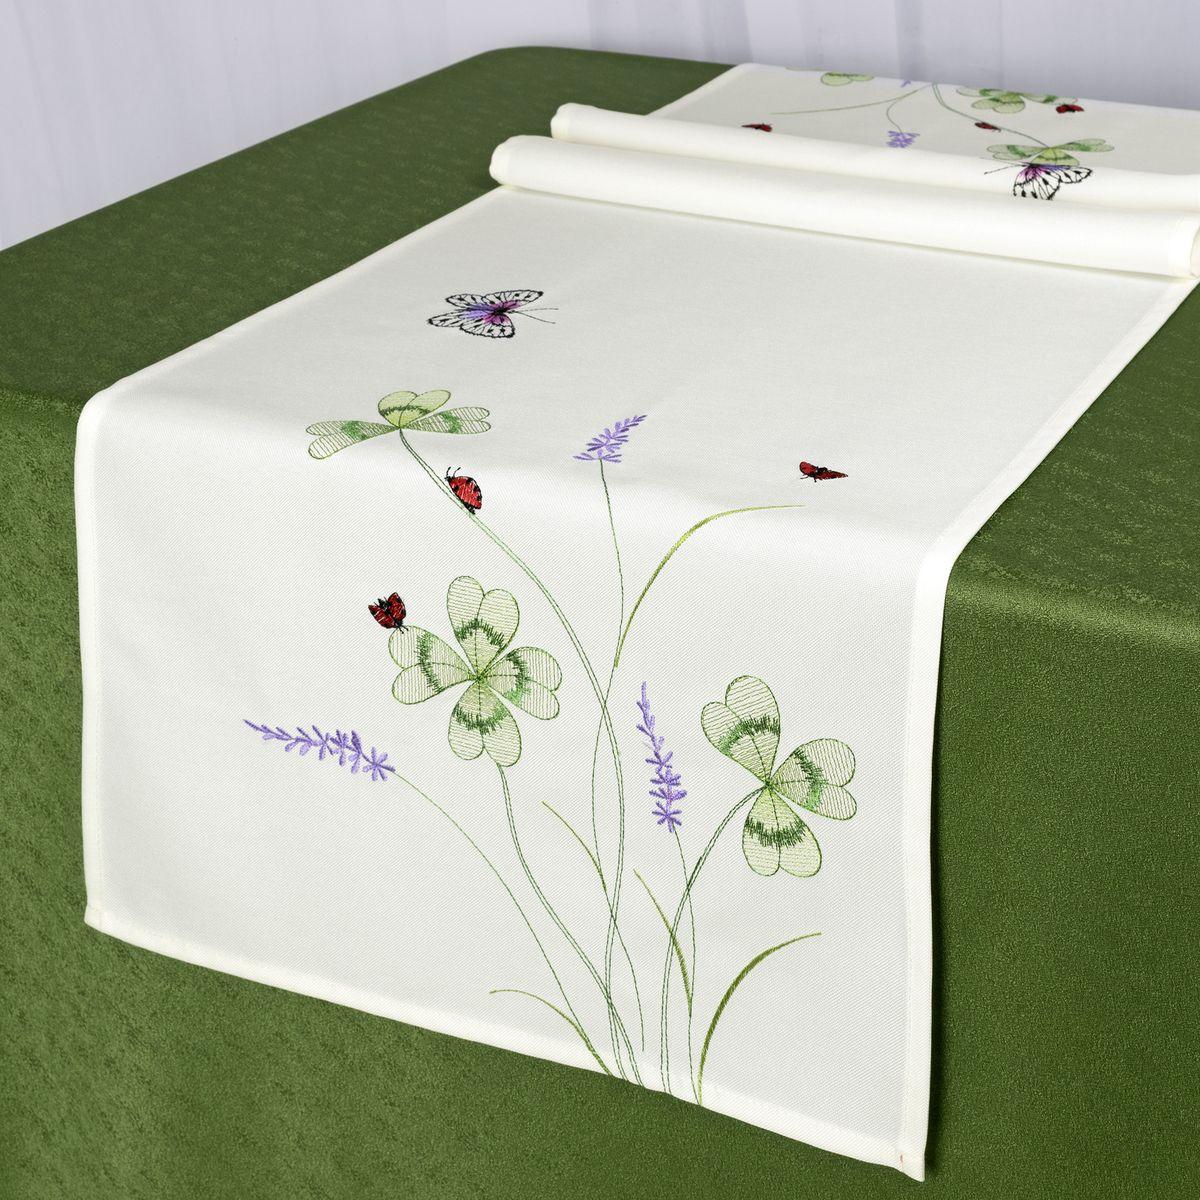 Дорожка для декорирования стола Schaefer, 40 x 140 см, цвет: белый. 07725-21107725-211Дорожка для декорирования стола Schaefer может быть использована, как основной элемент,так и дополнение для создания уюта и романтического настроения.Дорожка выполнена из полиэстера. Изделие легко стирать: оно не мнется, не садится и быстросохнет, более долговечно, чем изделие из натуральных волокон.Материал: 100% полиэстер.Размер: 40 x 140 см.